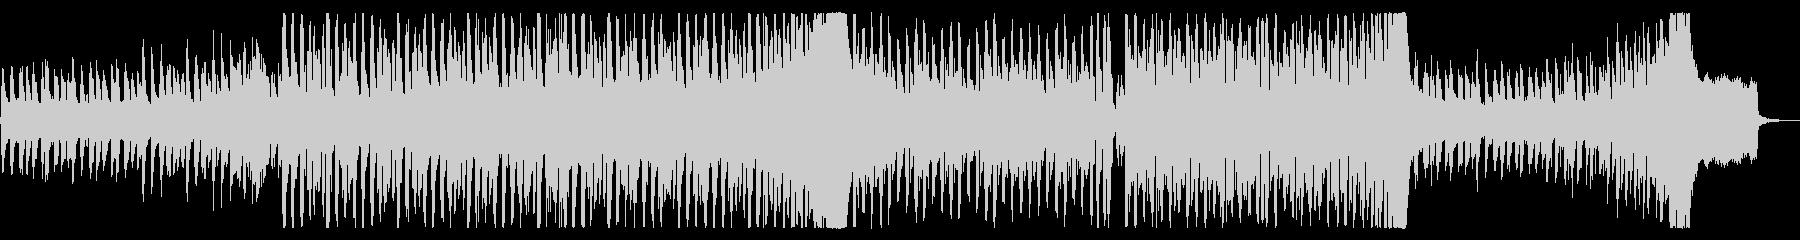 心弾むリズミカルなテクノポップの未再生の波形